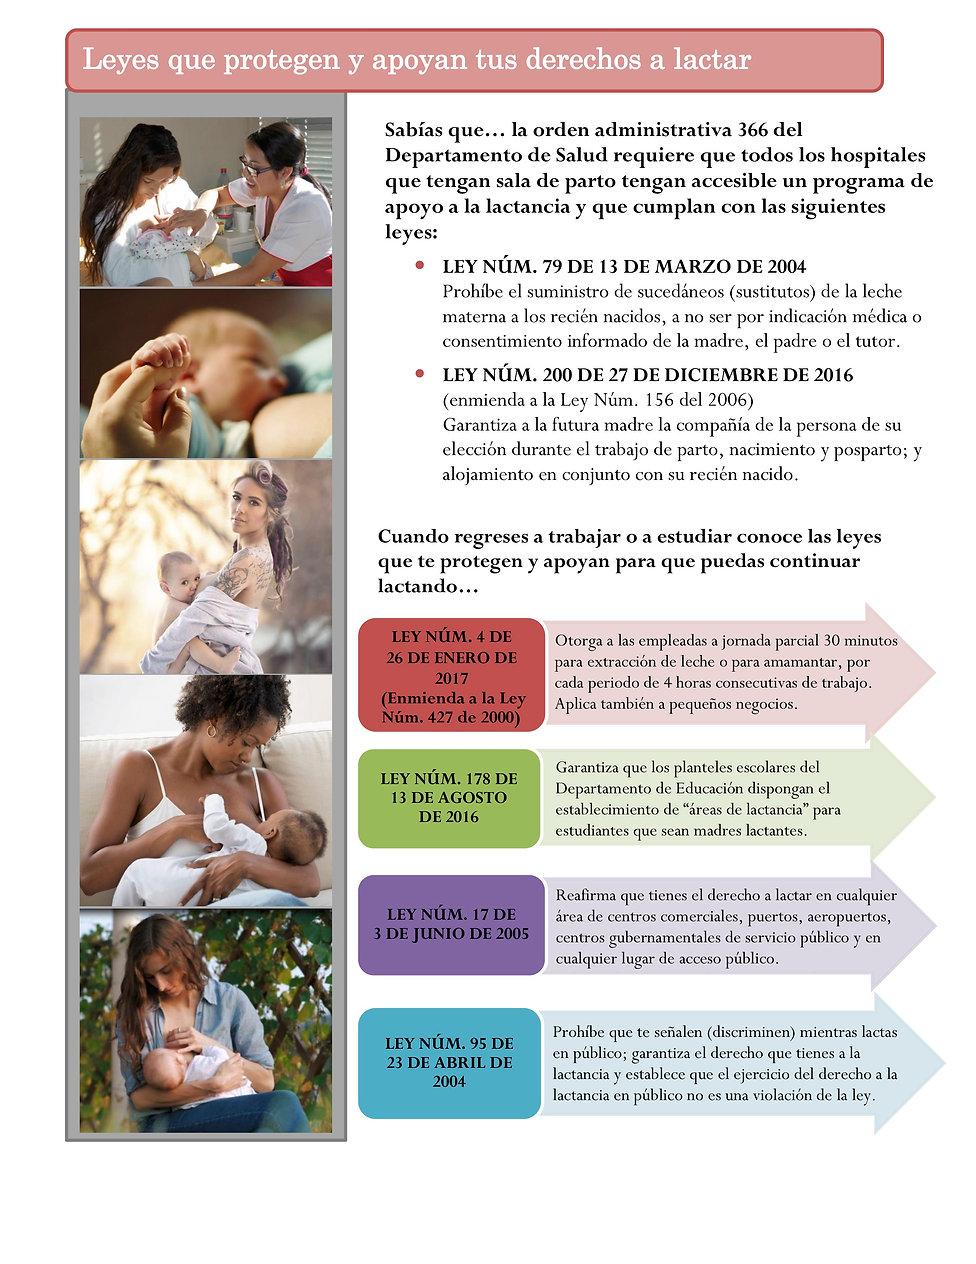 5. Leyes que te protegen la lactancia.jp